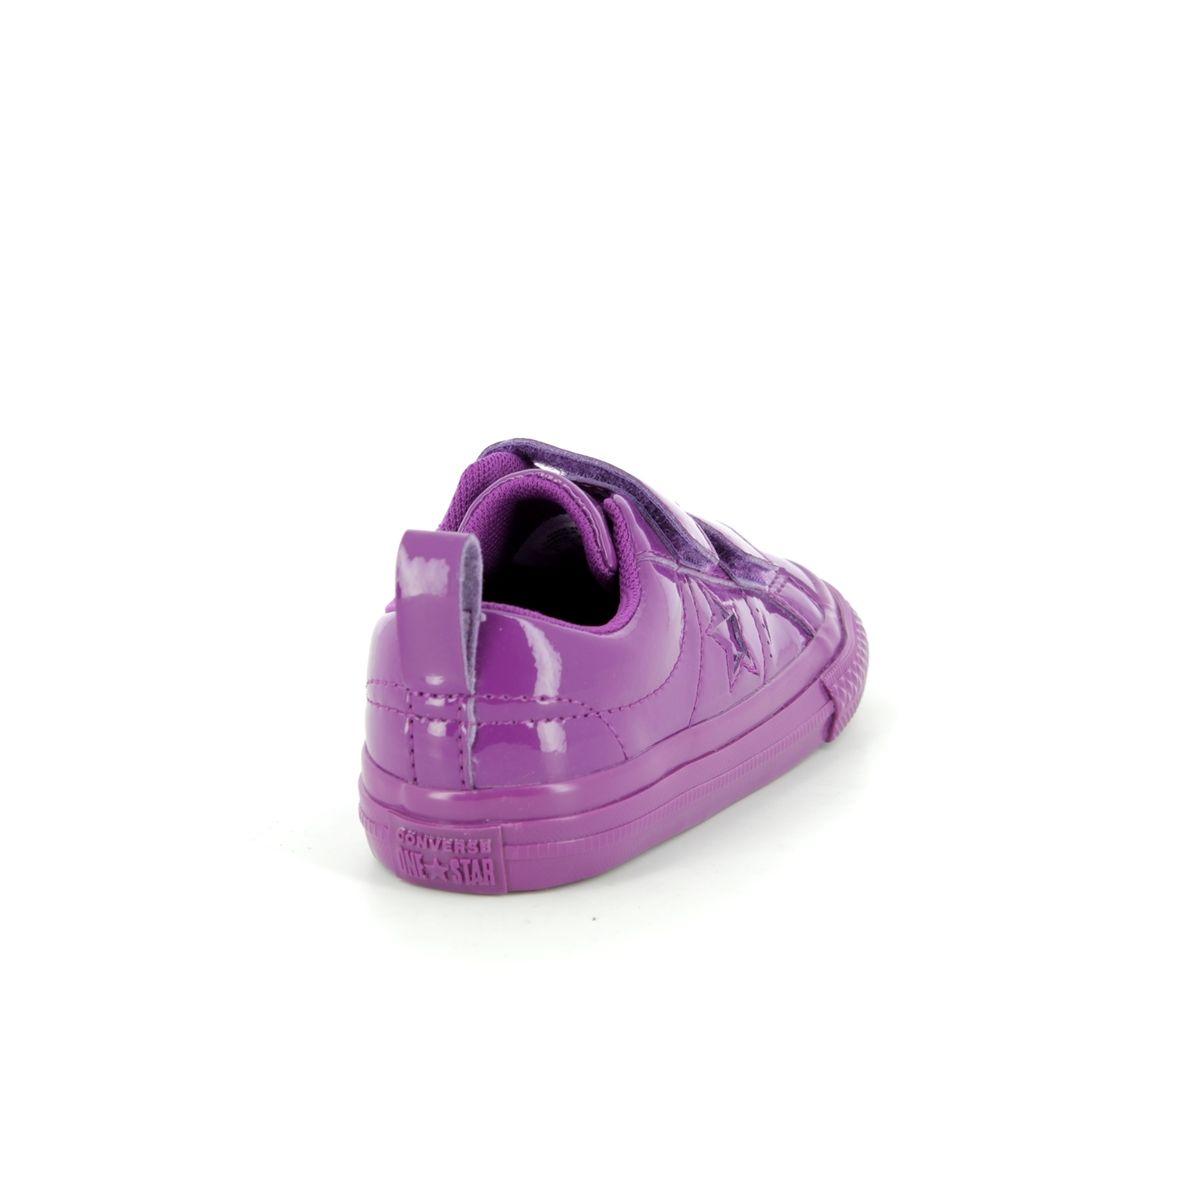 9049148fa9eb Converse Trainers - Purple - 762523C ONESTAR VEL IN